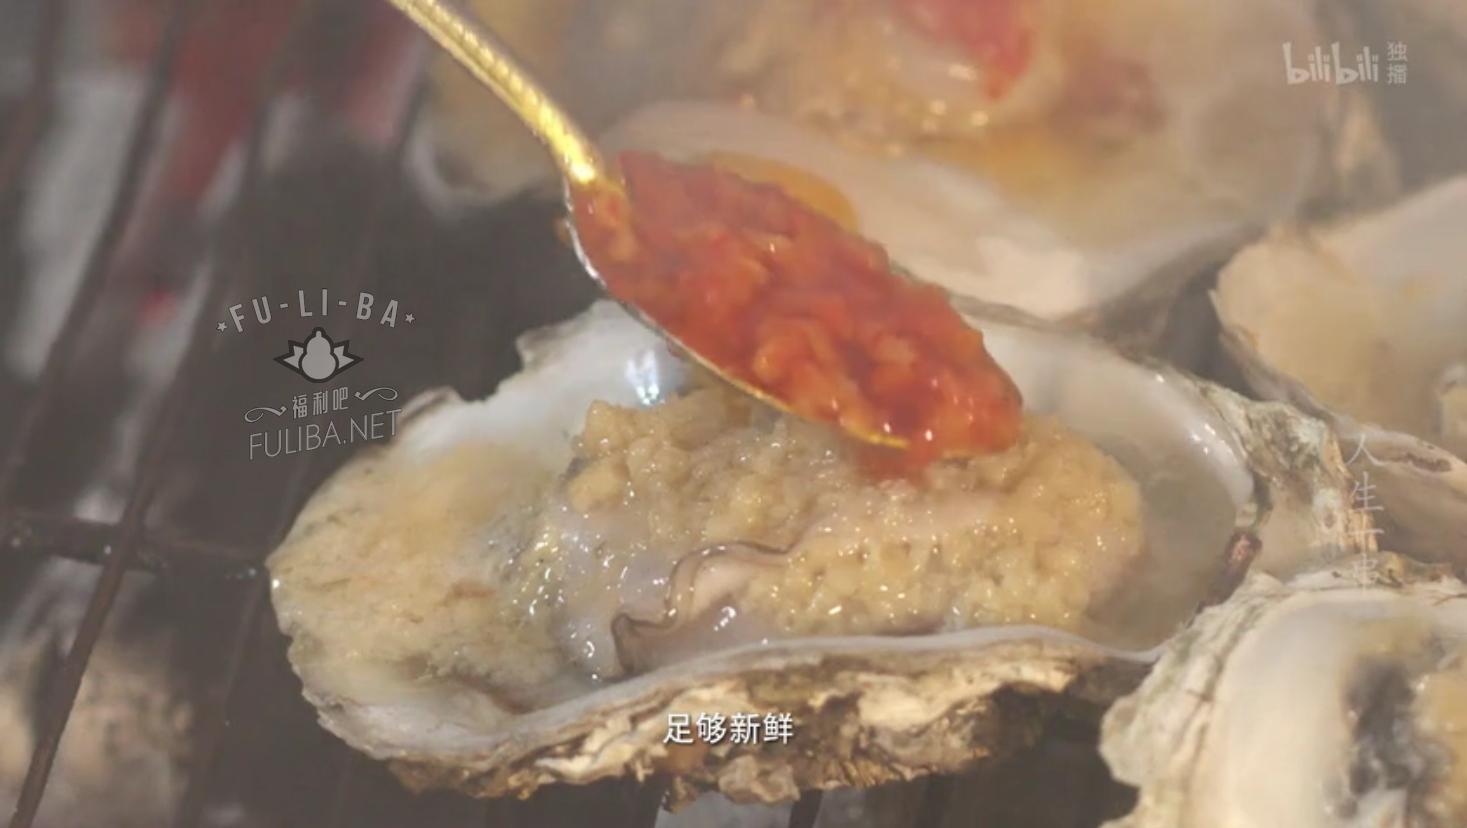 B站出品:烧烤专题美食节目《人生一串》第二季开播,第3集更新